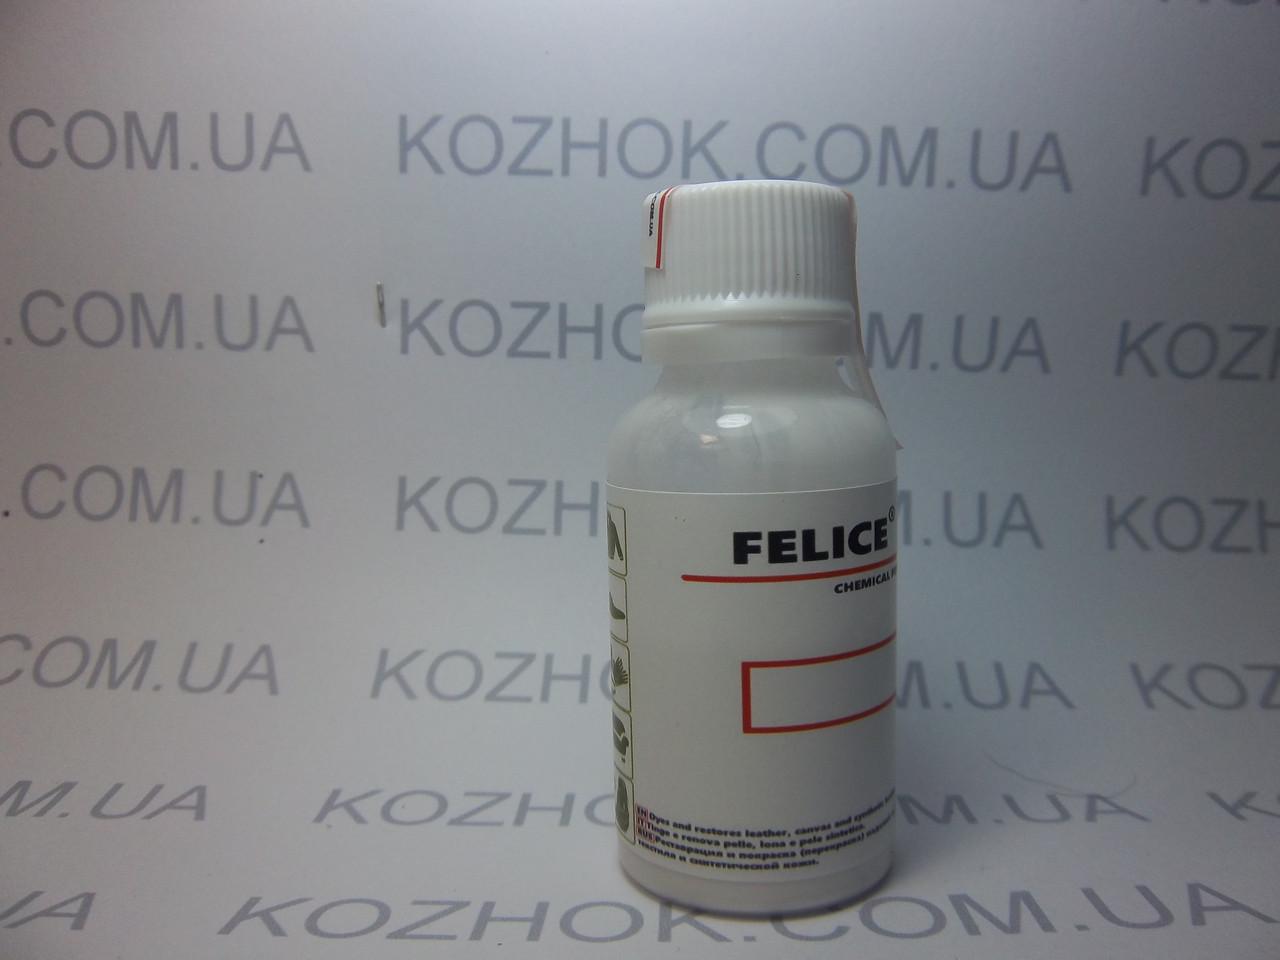 Очиститель для кожи Felice безцветный (25 мл)Краска для кожиДля обуви,гладкой кожи, кожгалантереи, кожаной меб